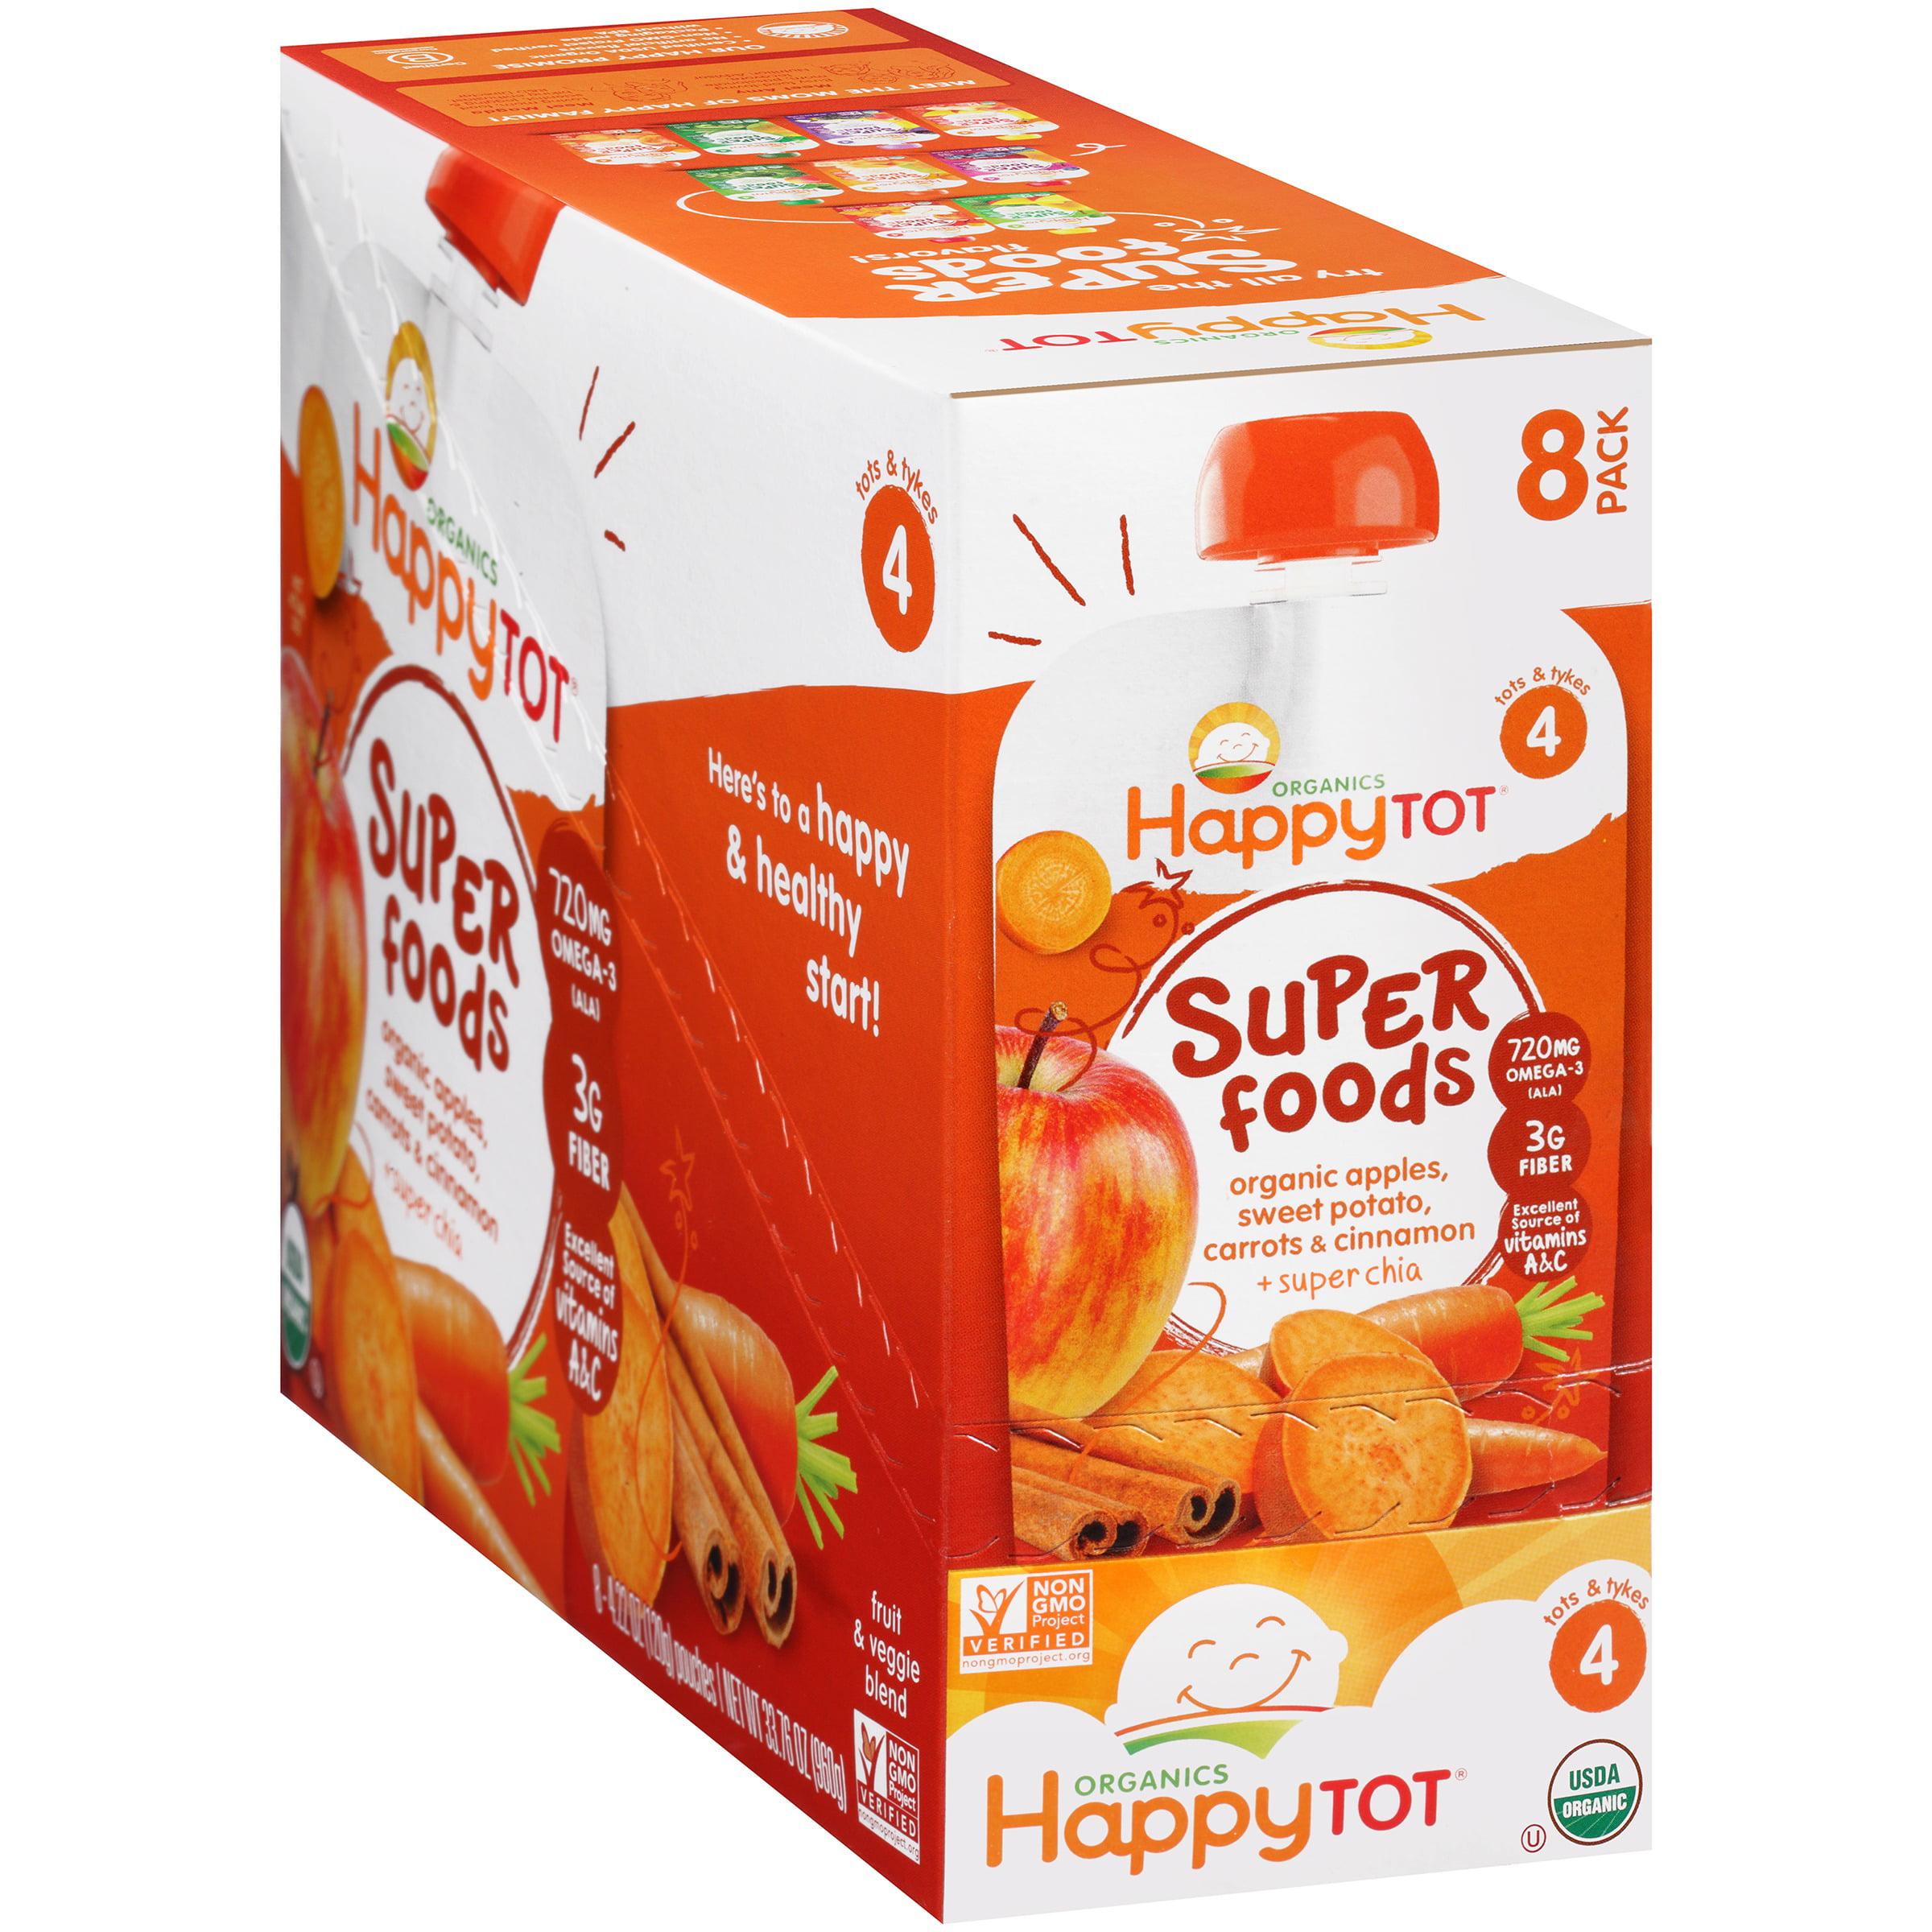 Happy Tot Organics Super Foods Apples, Sweet Potato, Carrots & Cinnamon + Super Chia